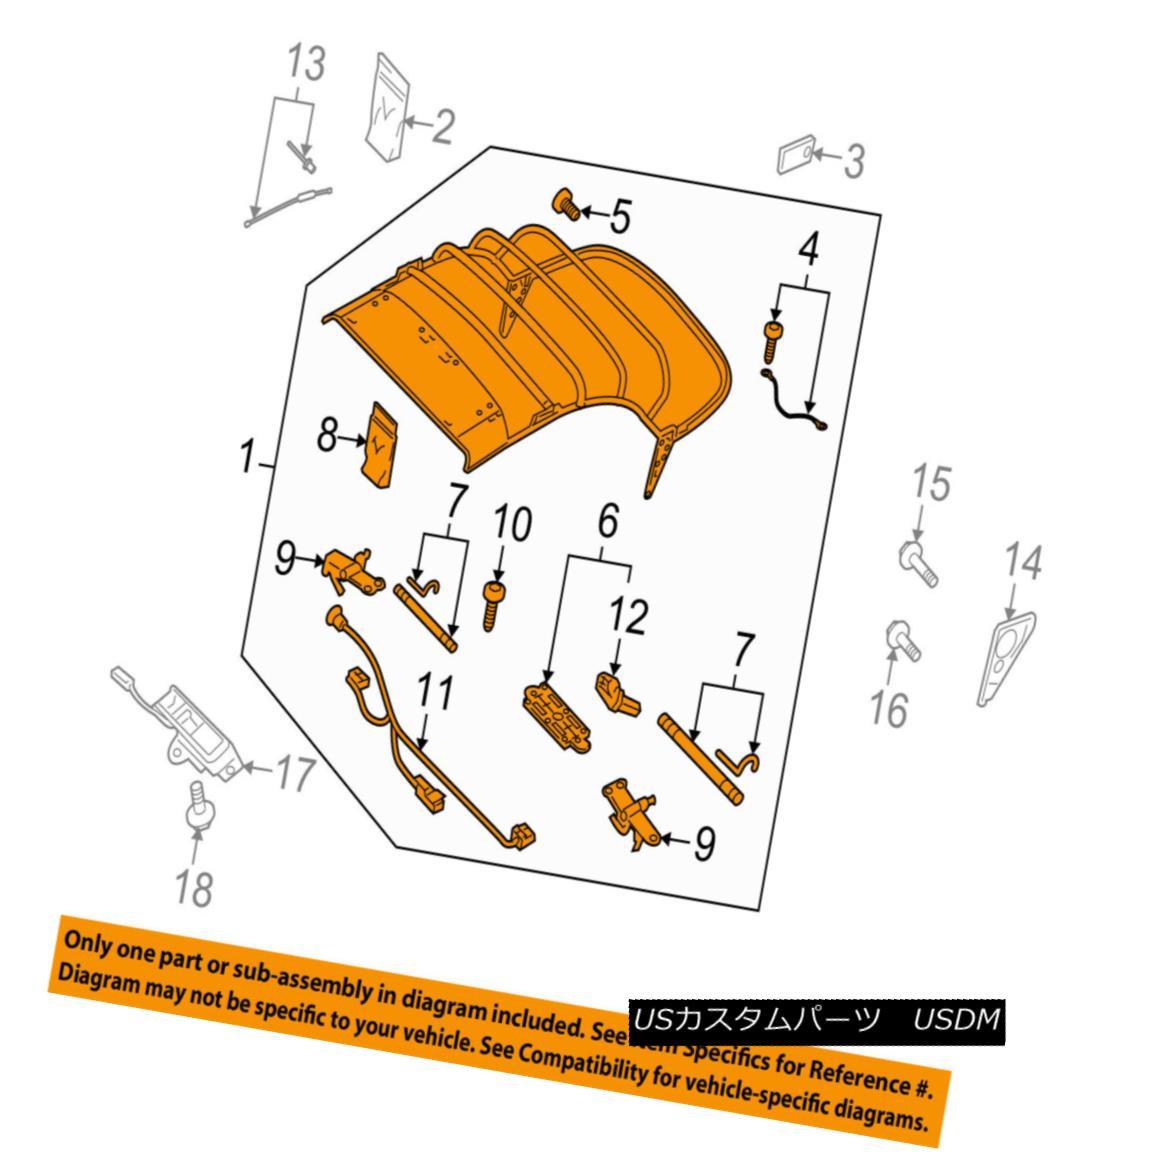 幌・ソフトトップ AUDI OEM 10-17 A5 Quattro Convertible/soft Top-Top Frame 8F0871025C AUDI OEM 10-17 A5 Quattro Convertible / so ftトップトップフレーム8F0871025C